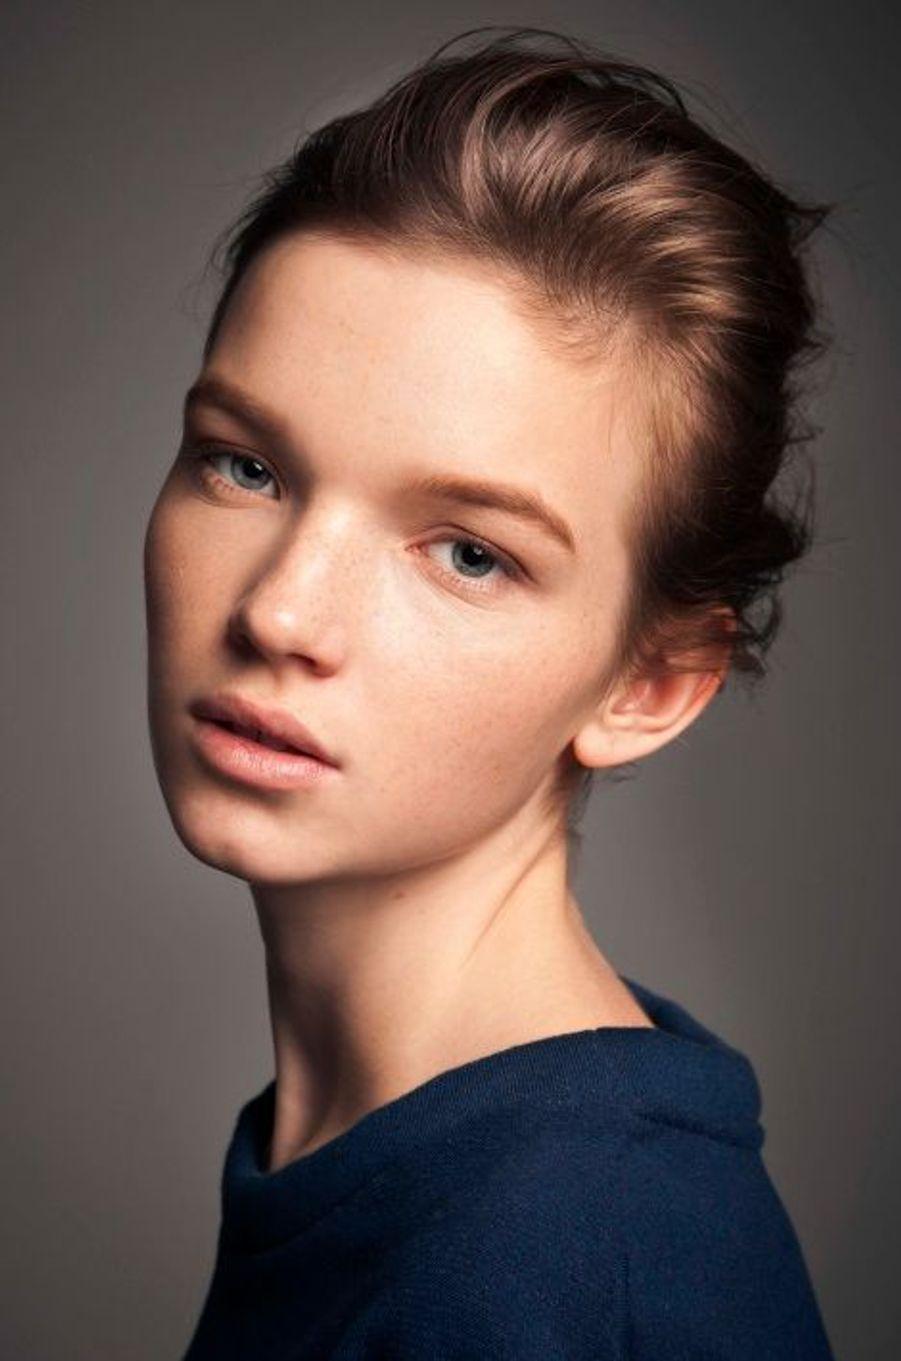 Eva, 16 ans, au sommet des jeunes tops